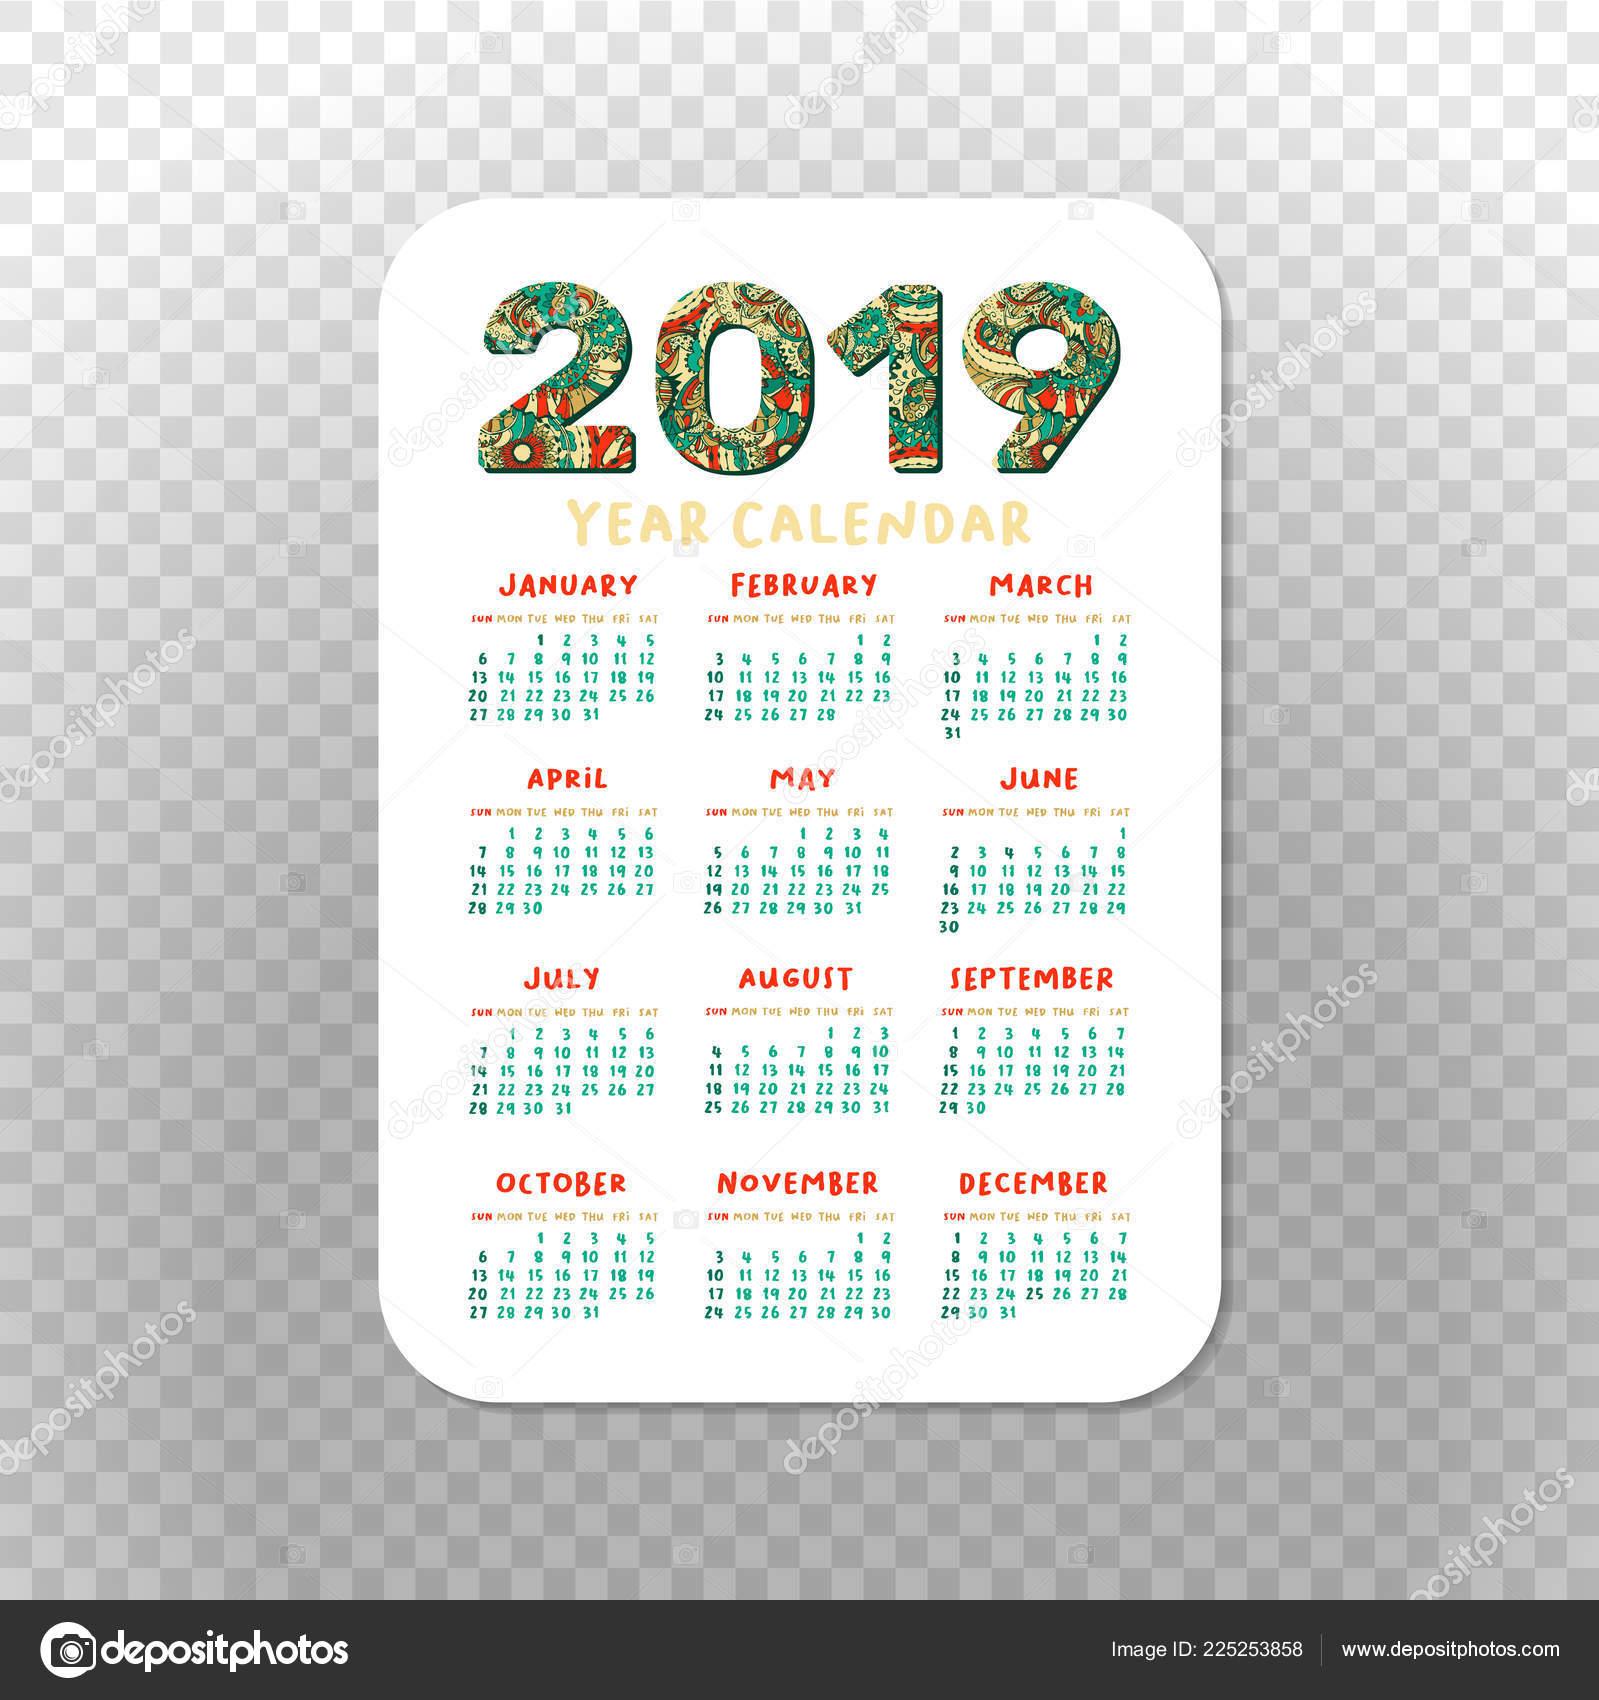 2019 Pocket Calendar Basic Grid Vector Vertical Orientation with Pocket Size Calendar Printable